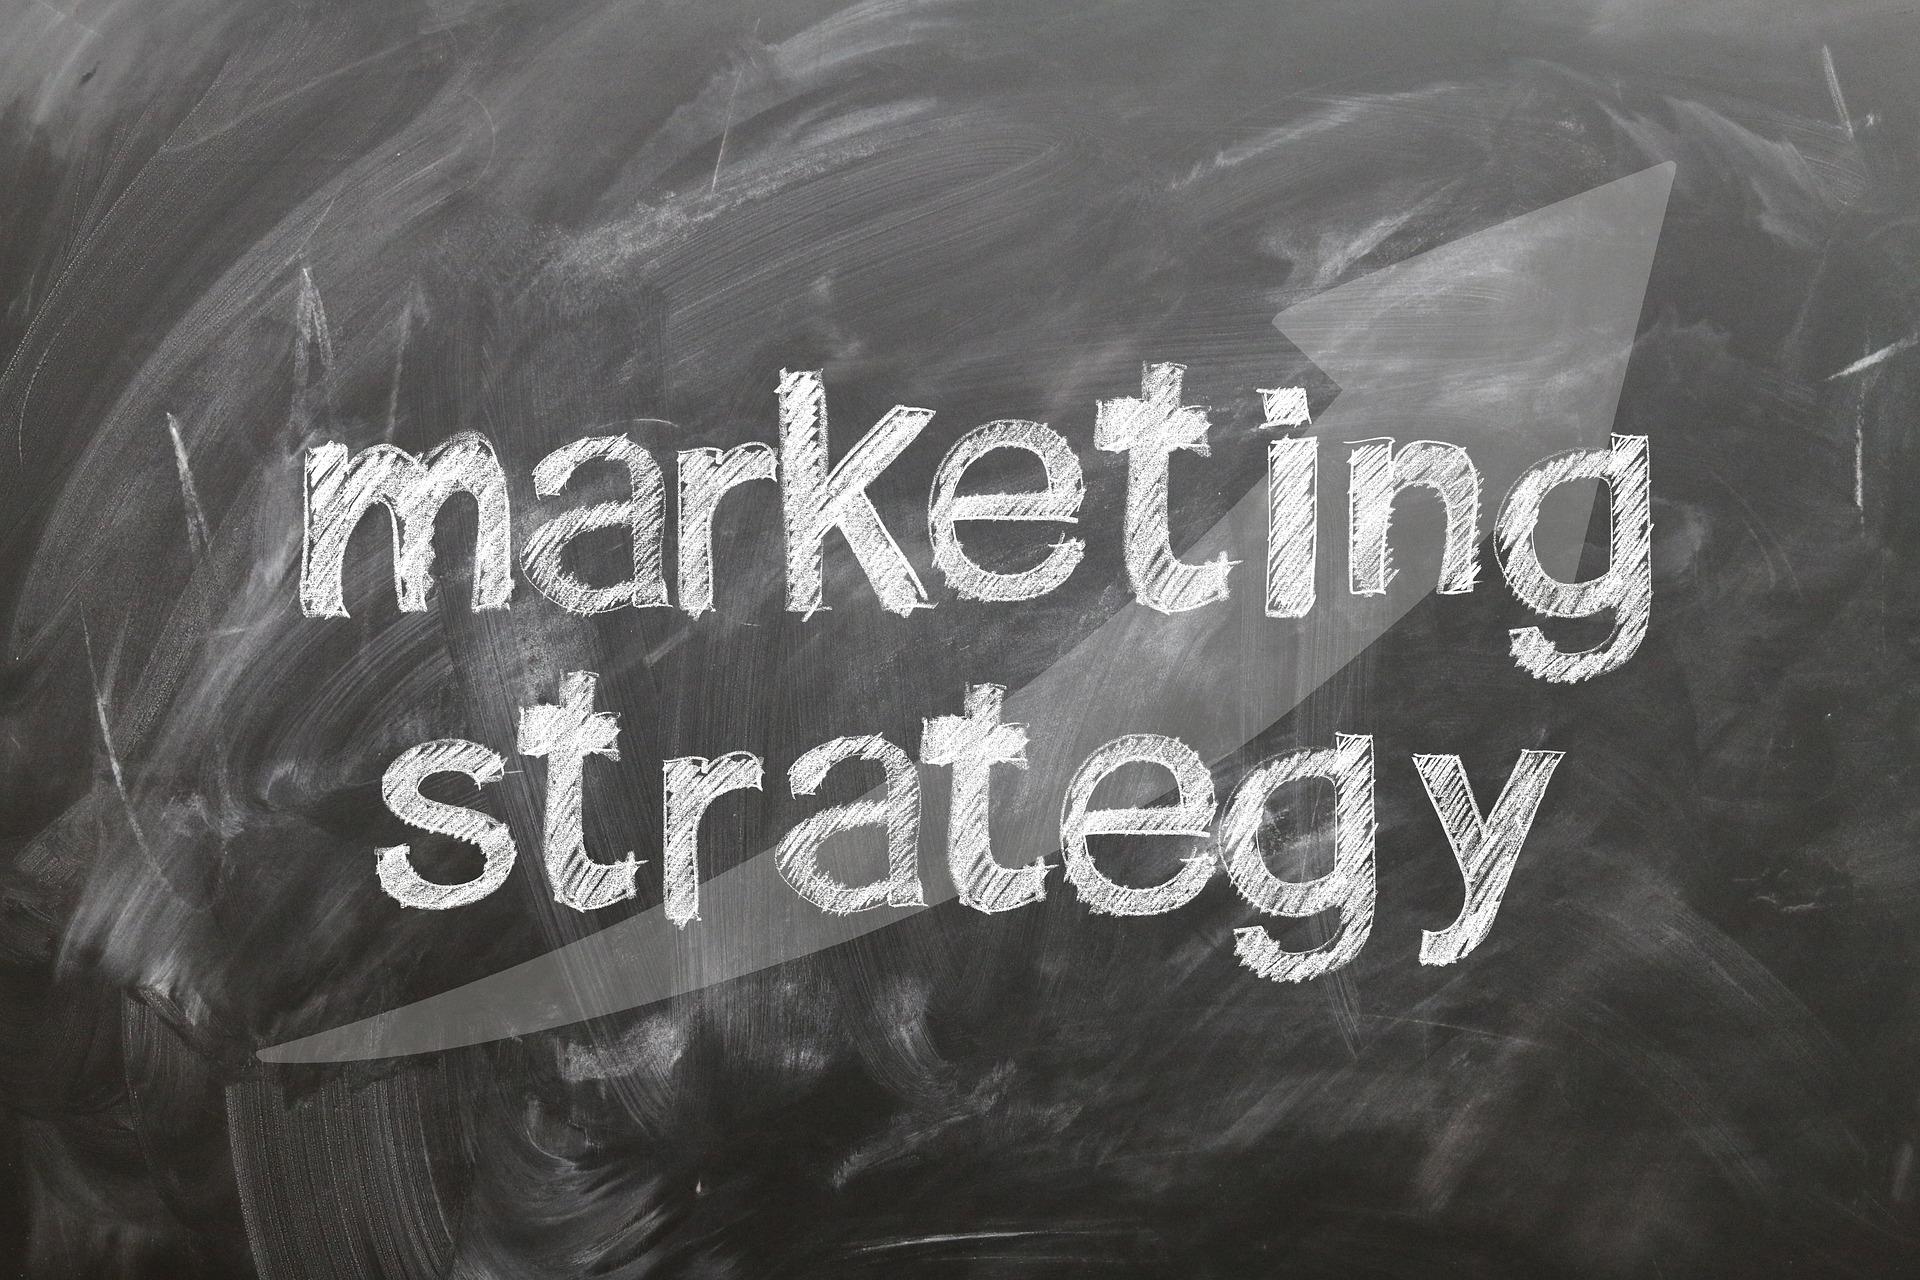 marketing strategies 3105875 1920 16. Juni 2021